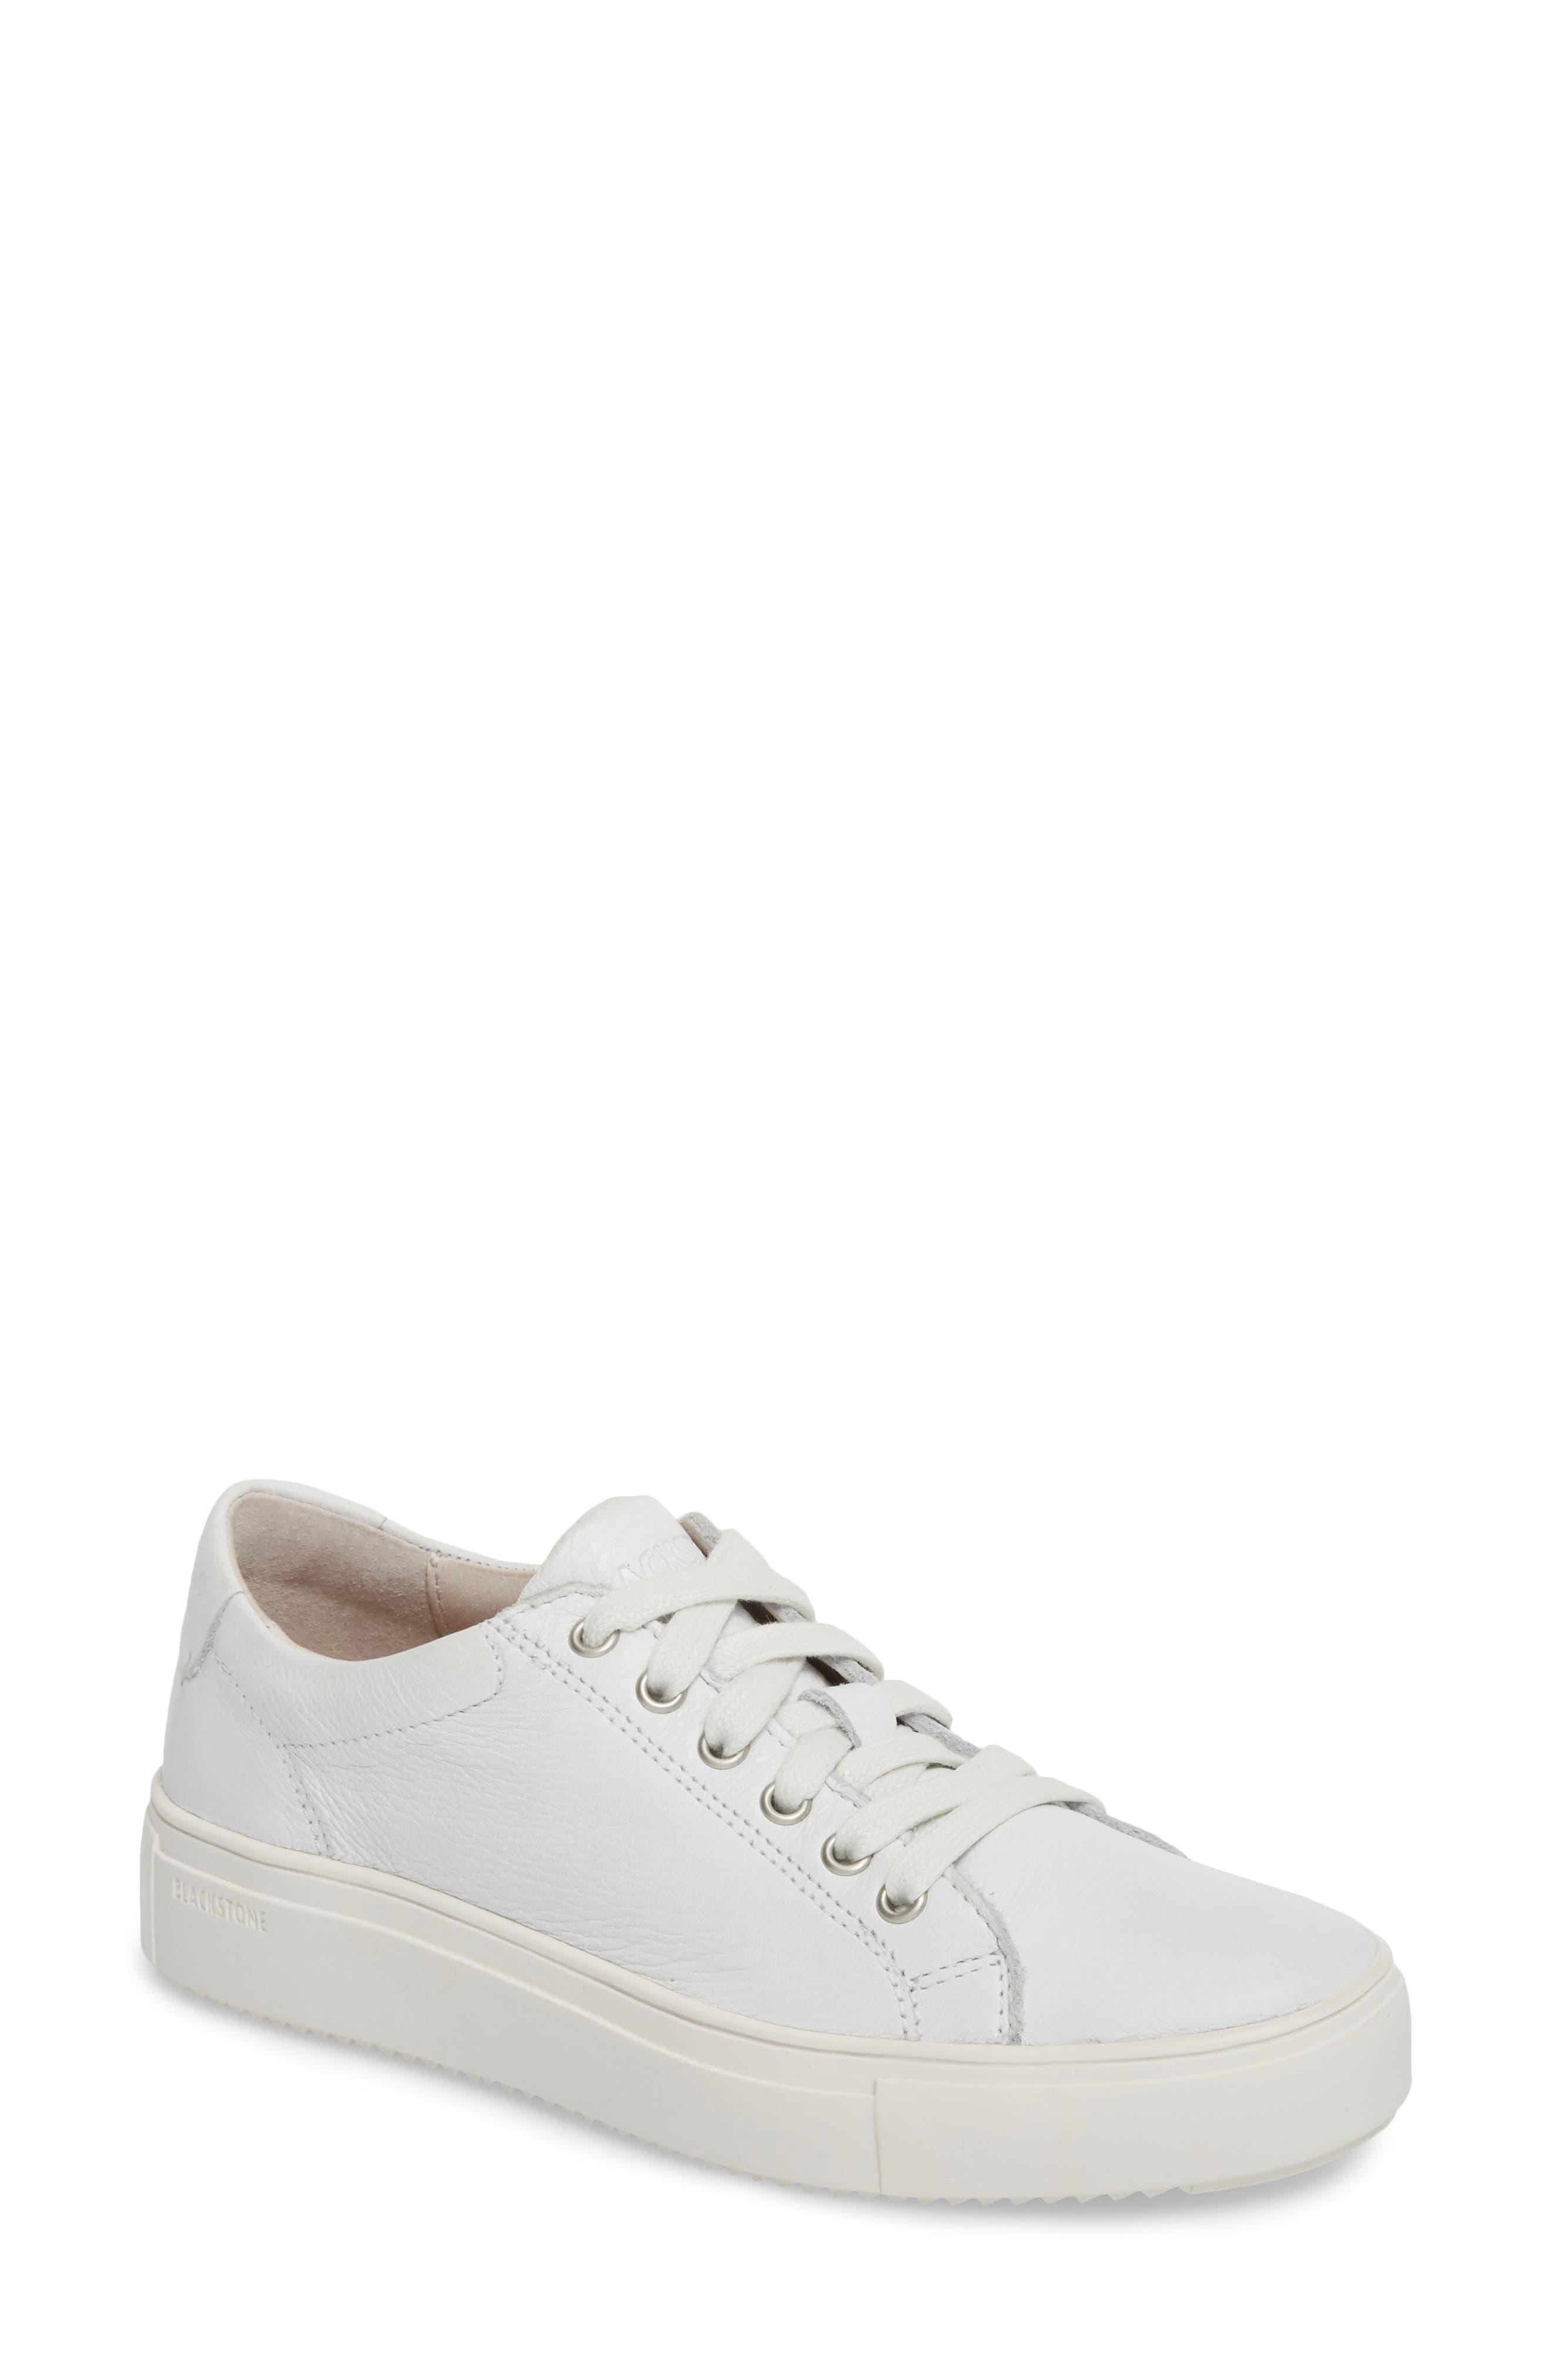 Blackstone Pl71 Low Top Sneaker, White